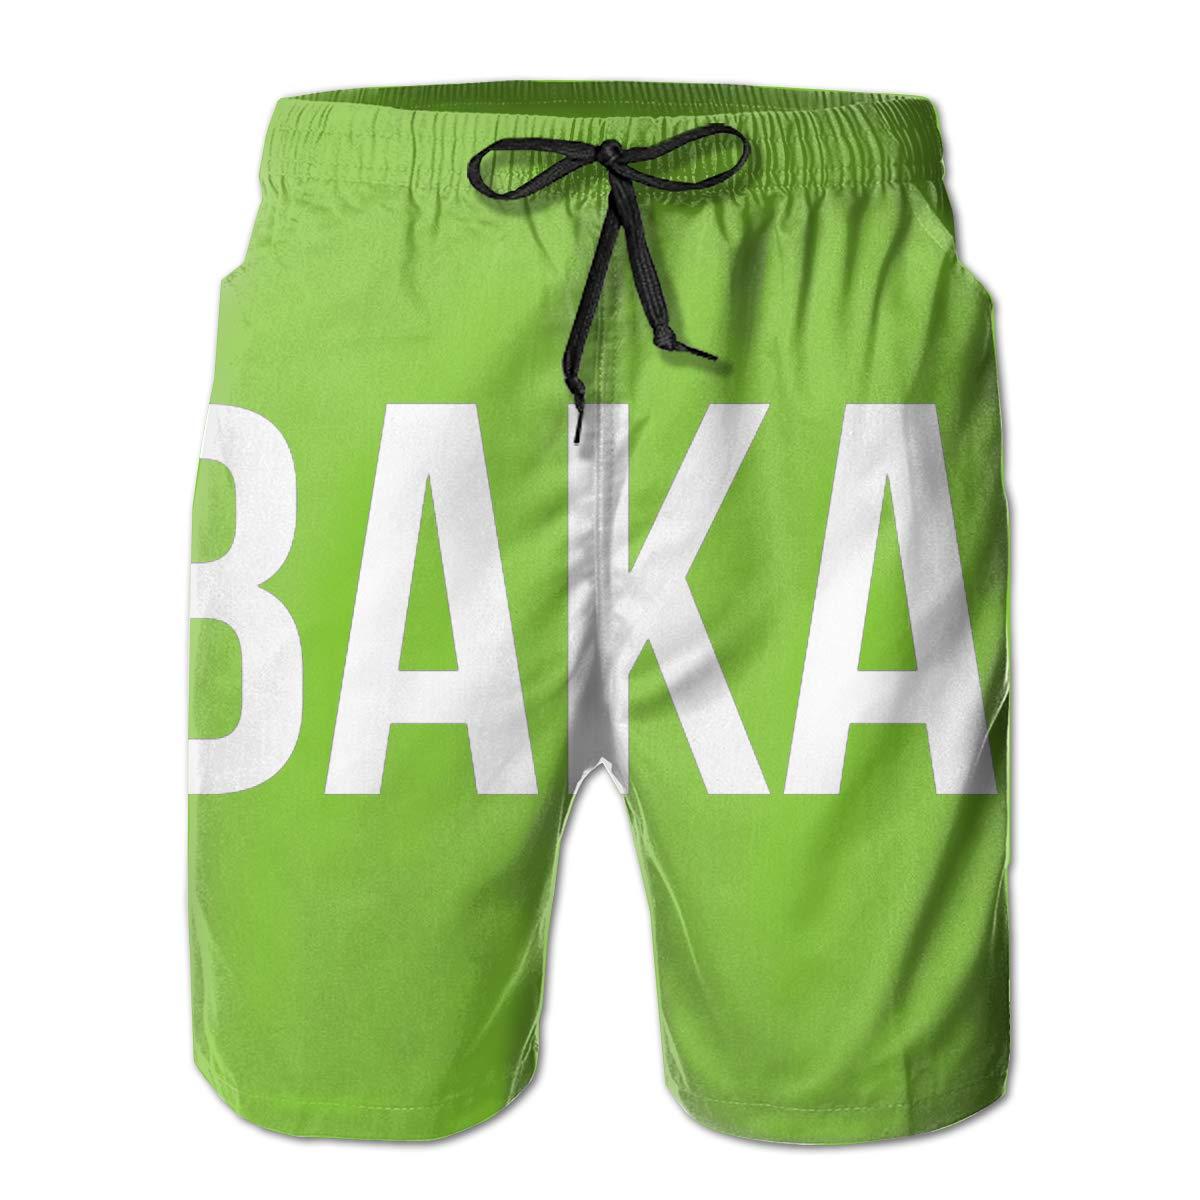 Reality And Ideals Baka Mens Swim Trunks Board Shorts